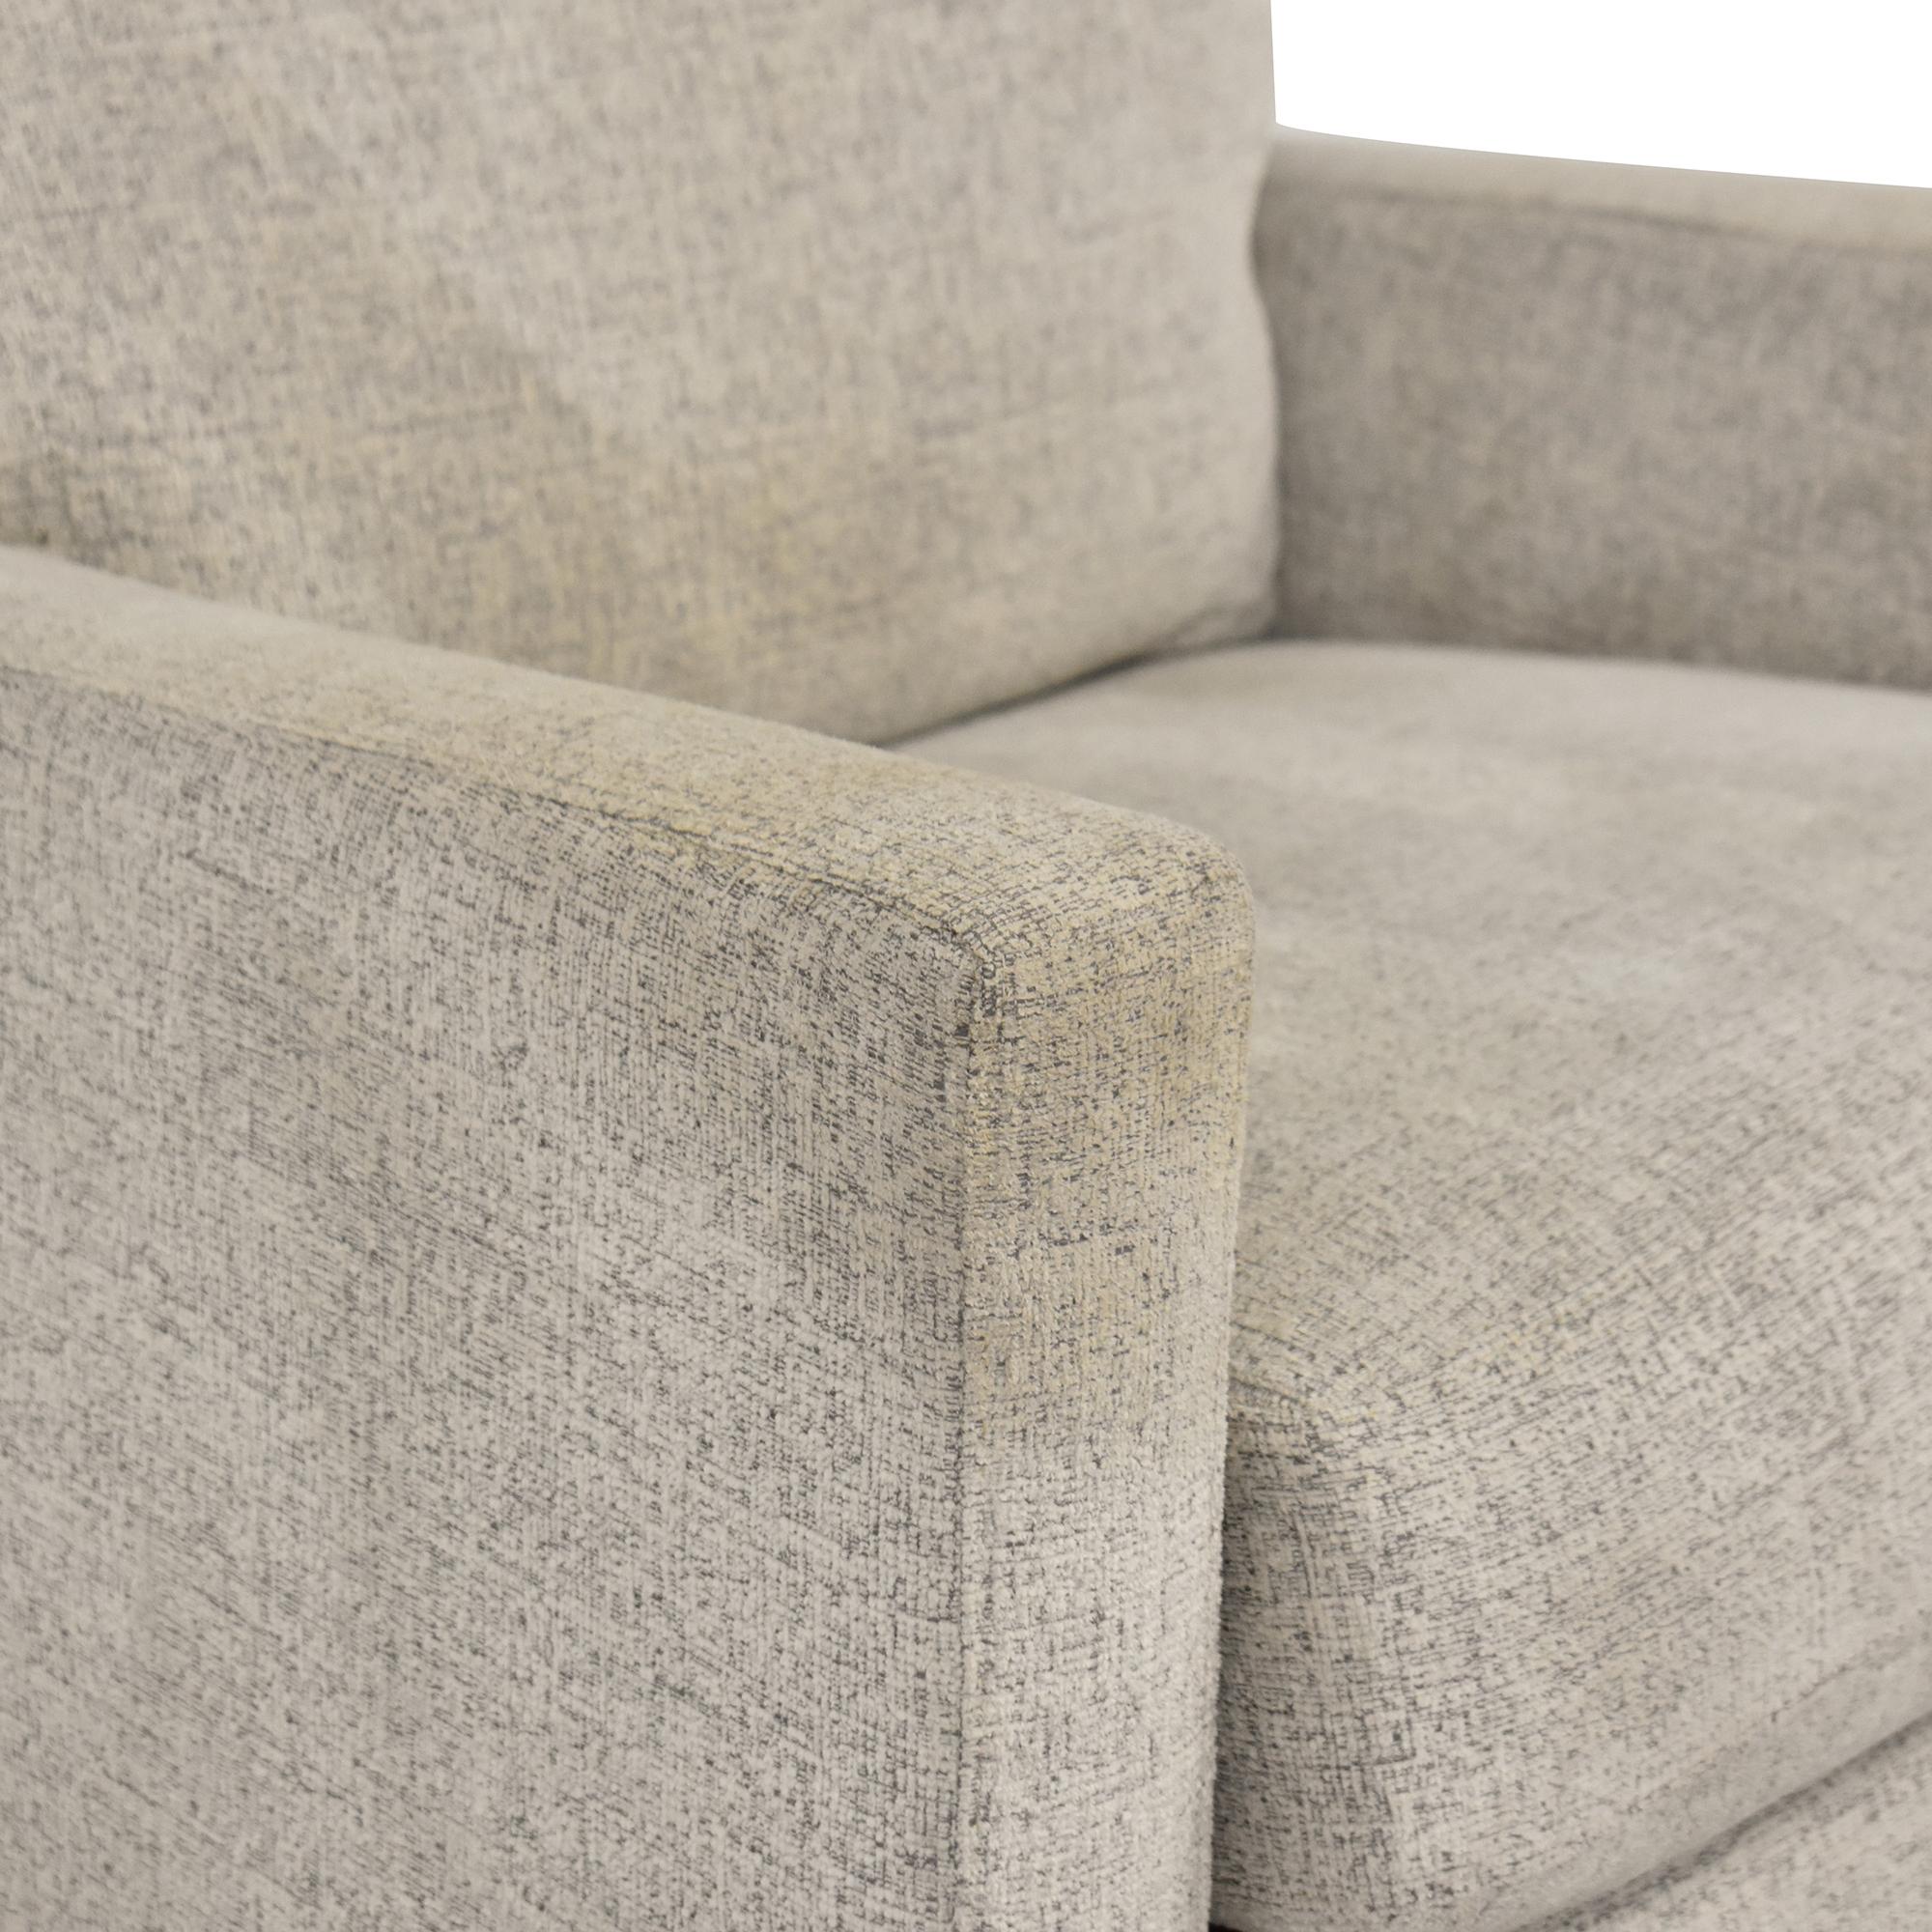 buy Bloomingdale's Sophie Power-Recliner Chair Bloomingdale's Chairs